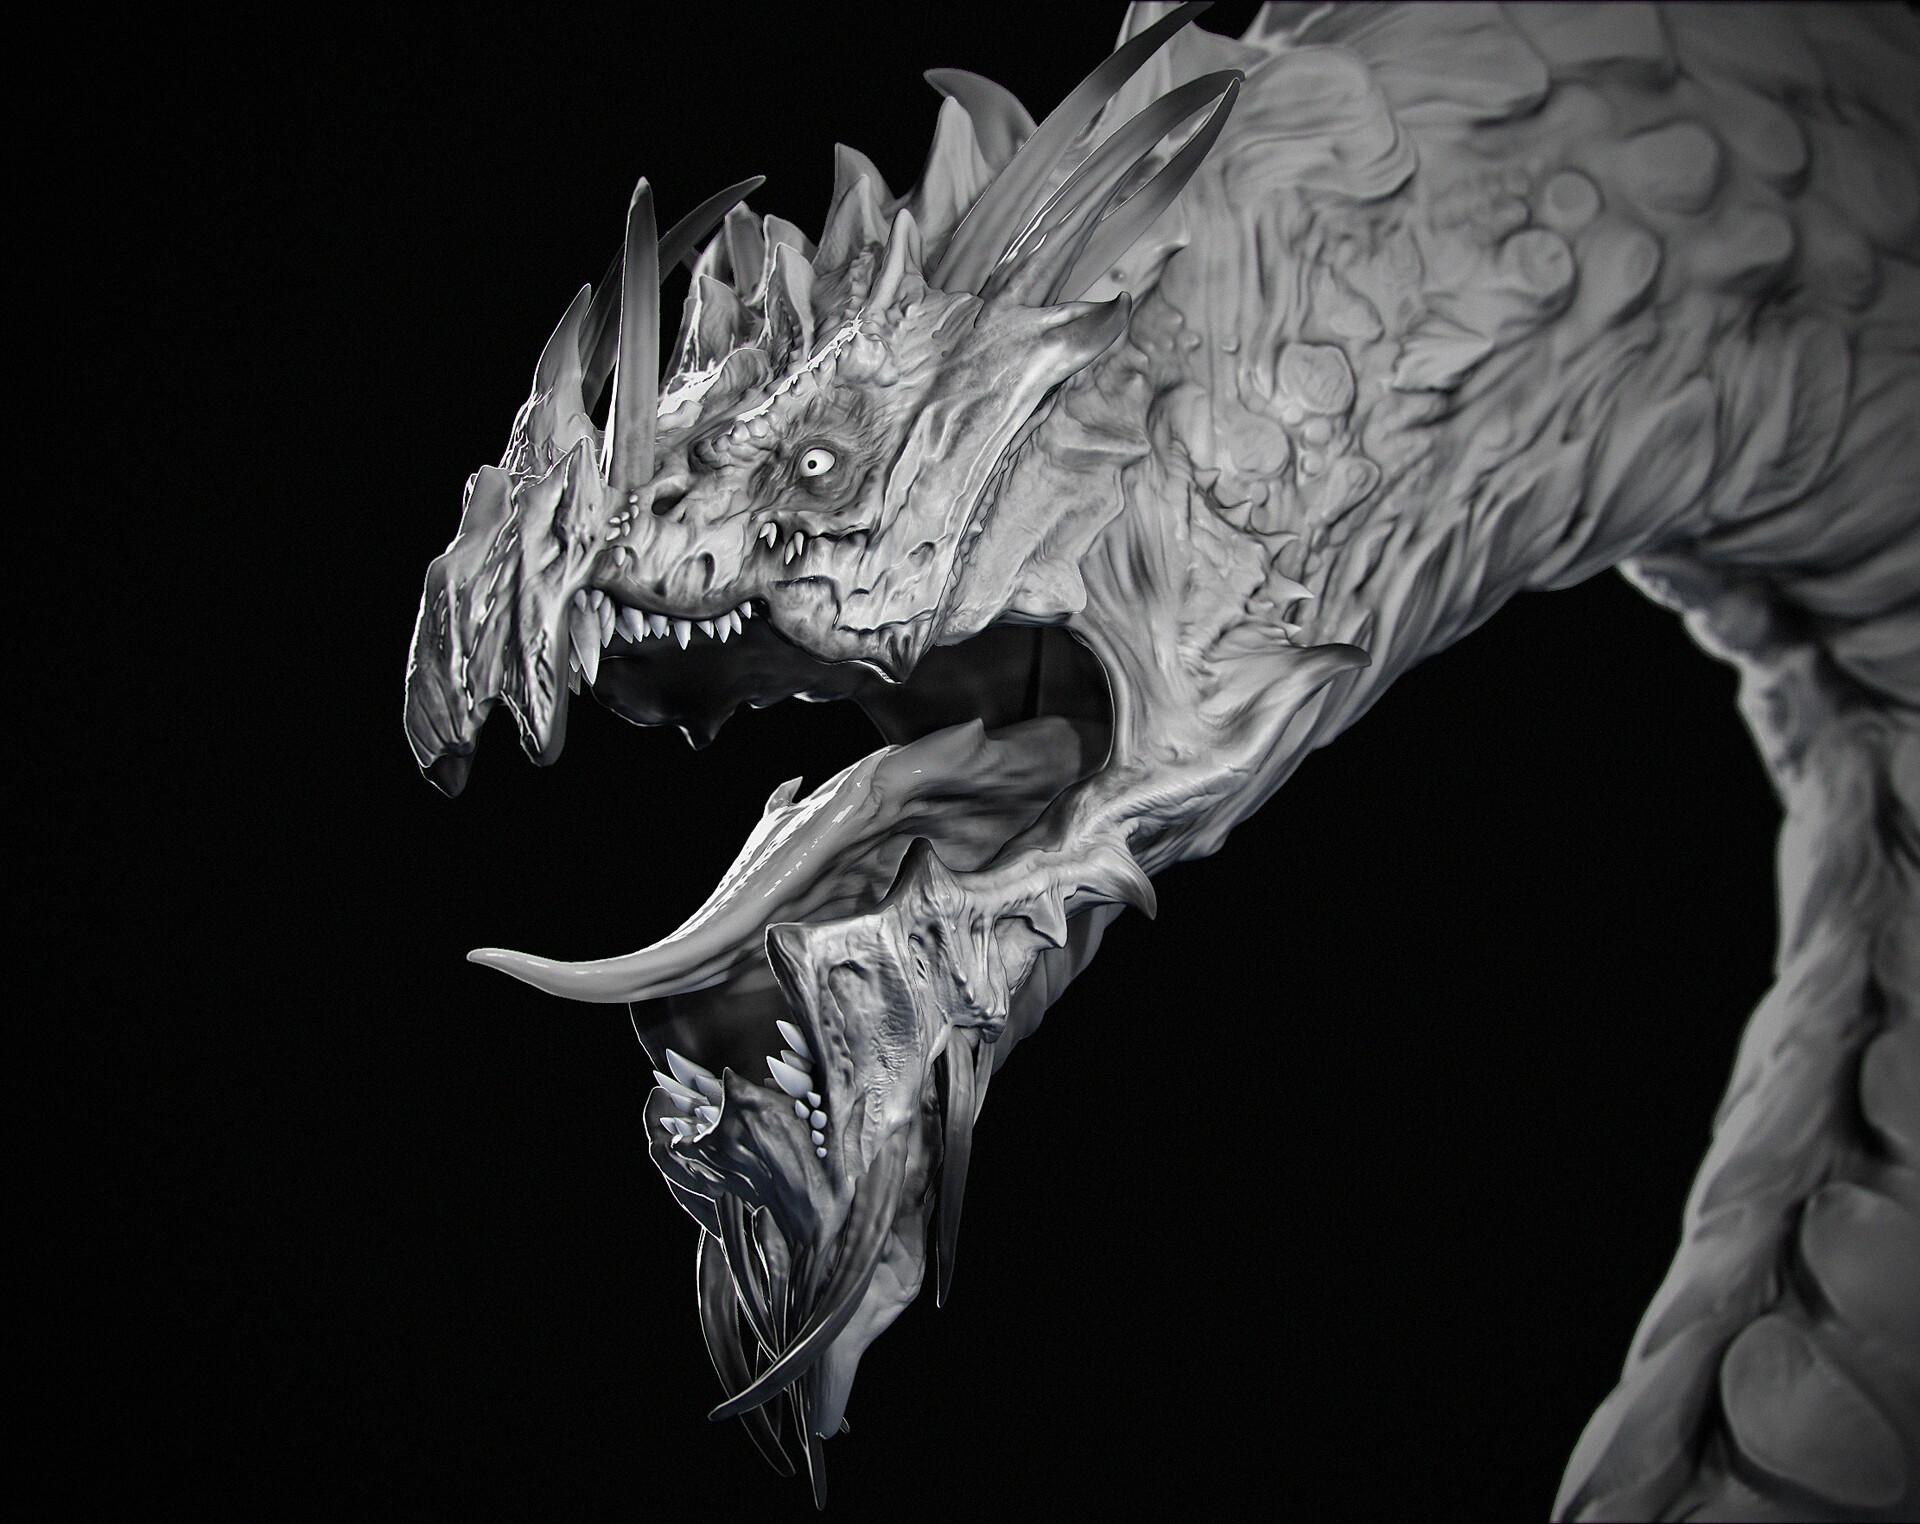 William furneaux dragonheadsculpt wipb